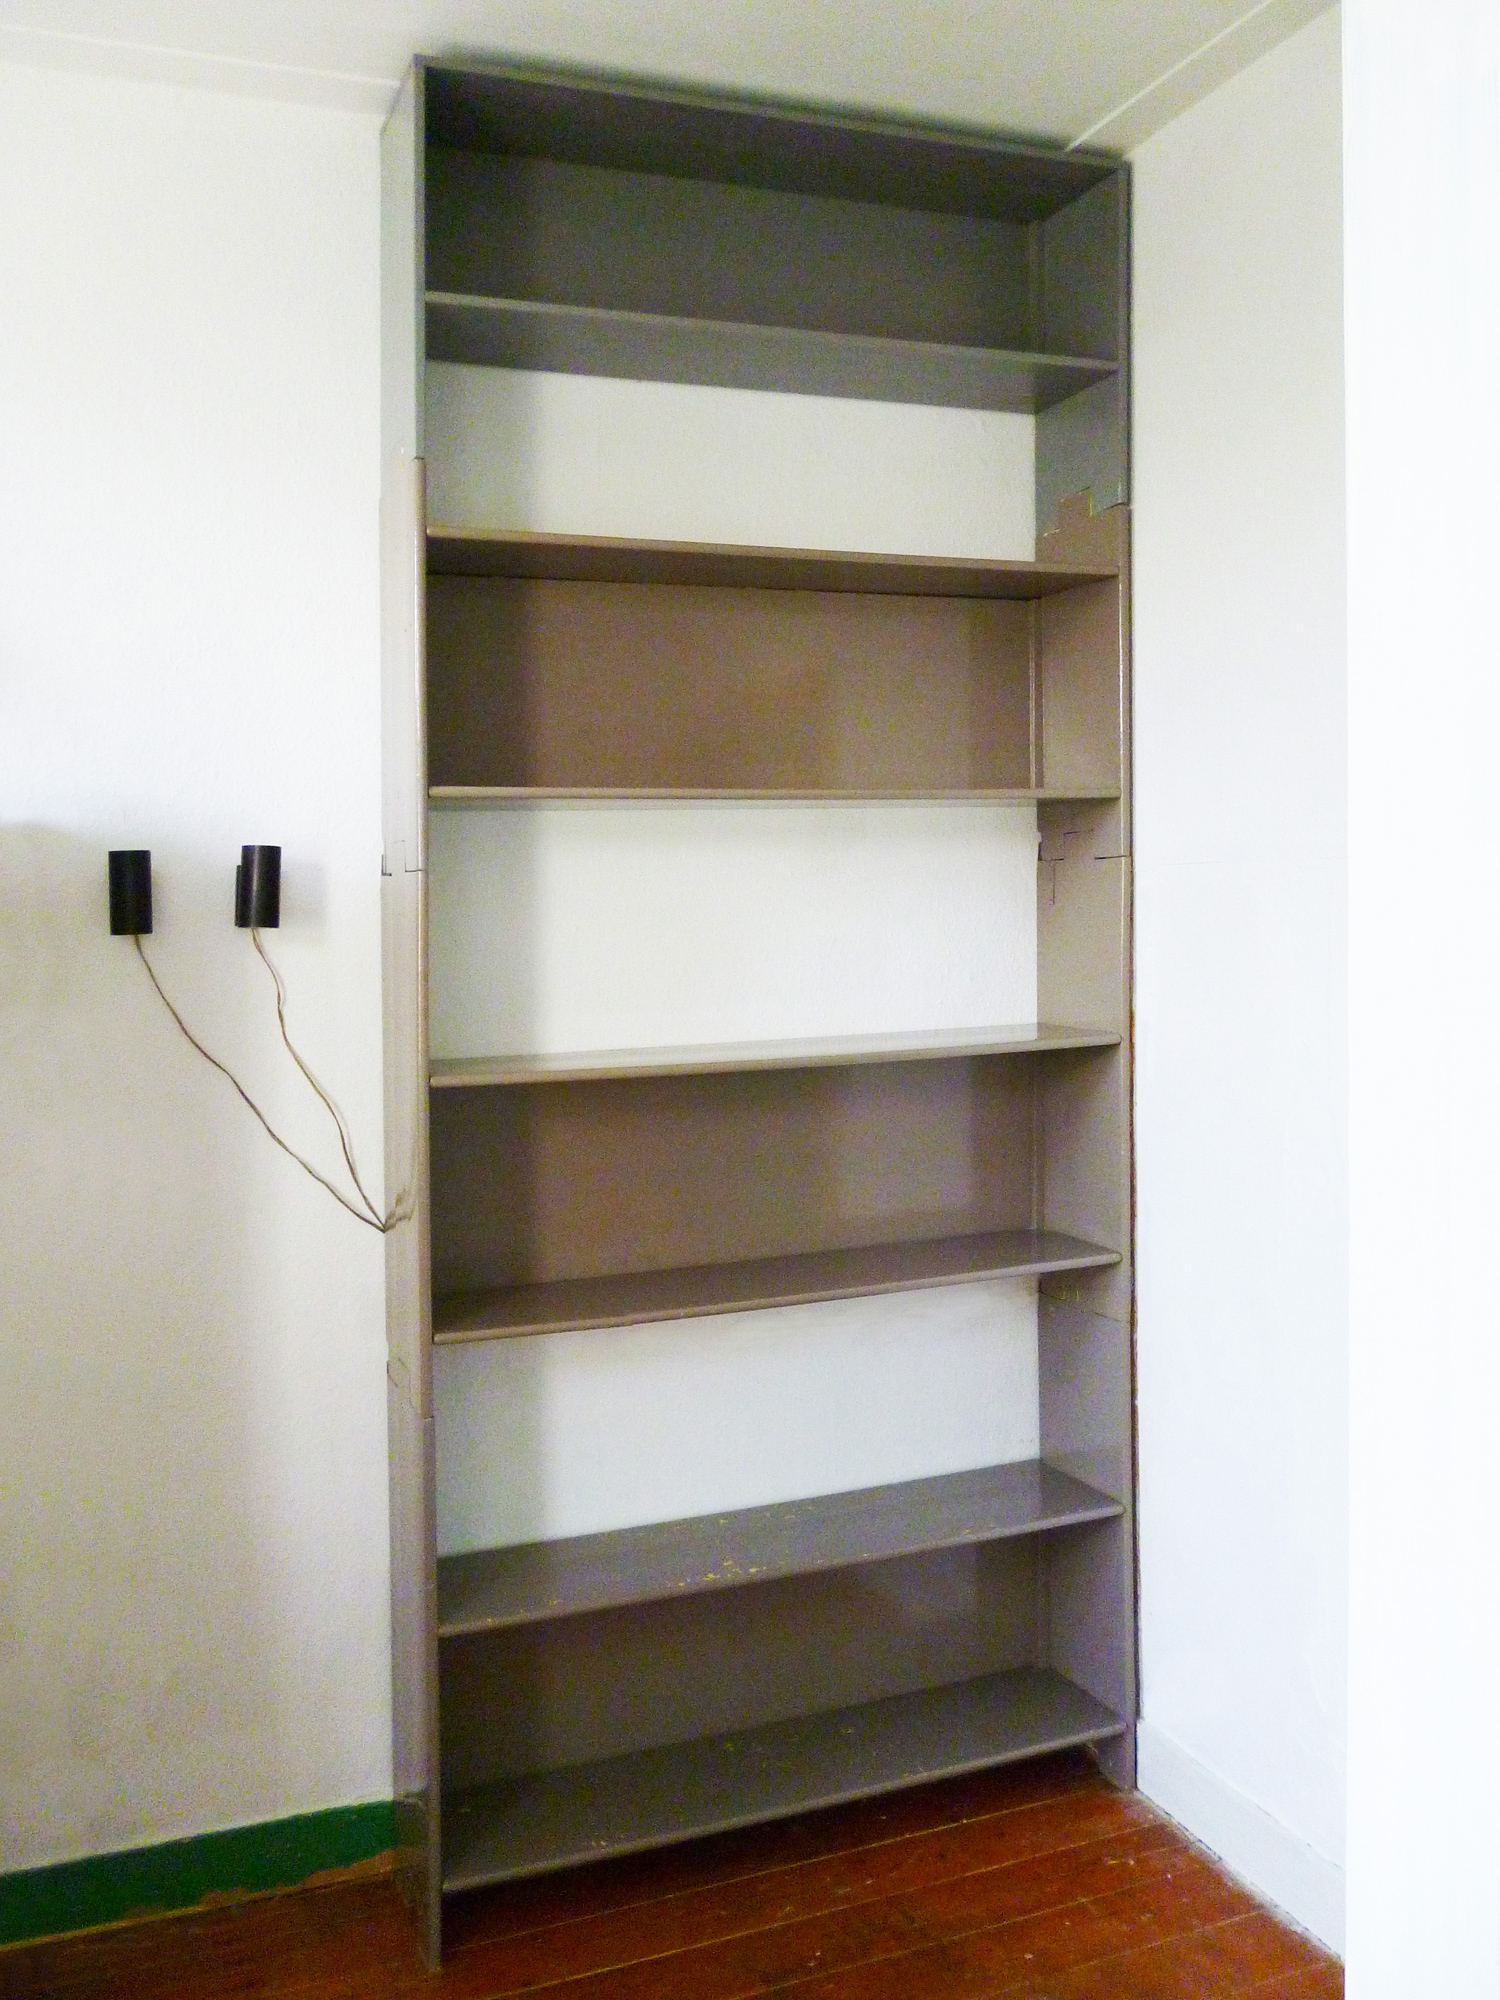 Werkplaats 152-boekenkast-systeem-deel-4 - Werkplaats 15